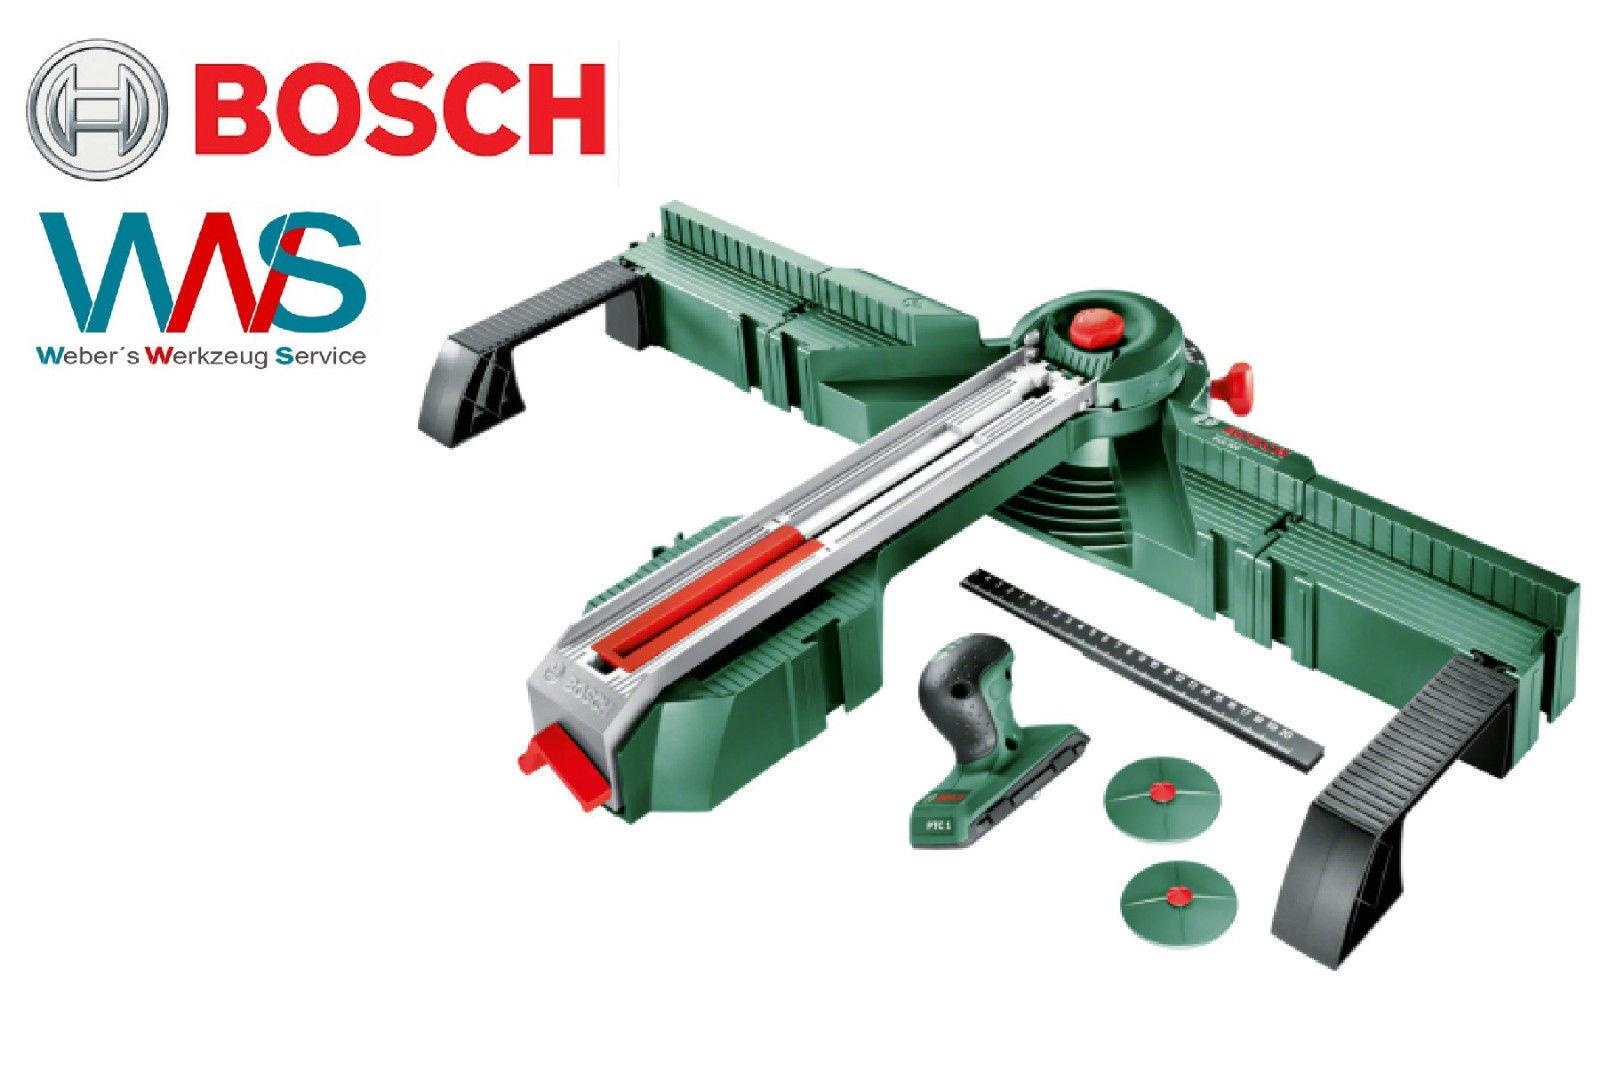 BOSCH PLS 300 Sägestation Set mit PTC 1 Fliesenschneider NEU und OVP | Ausgezeichnetes Handwerk  | Verschiedene Stile und Stile  | Online Outlet Shop